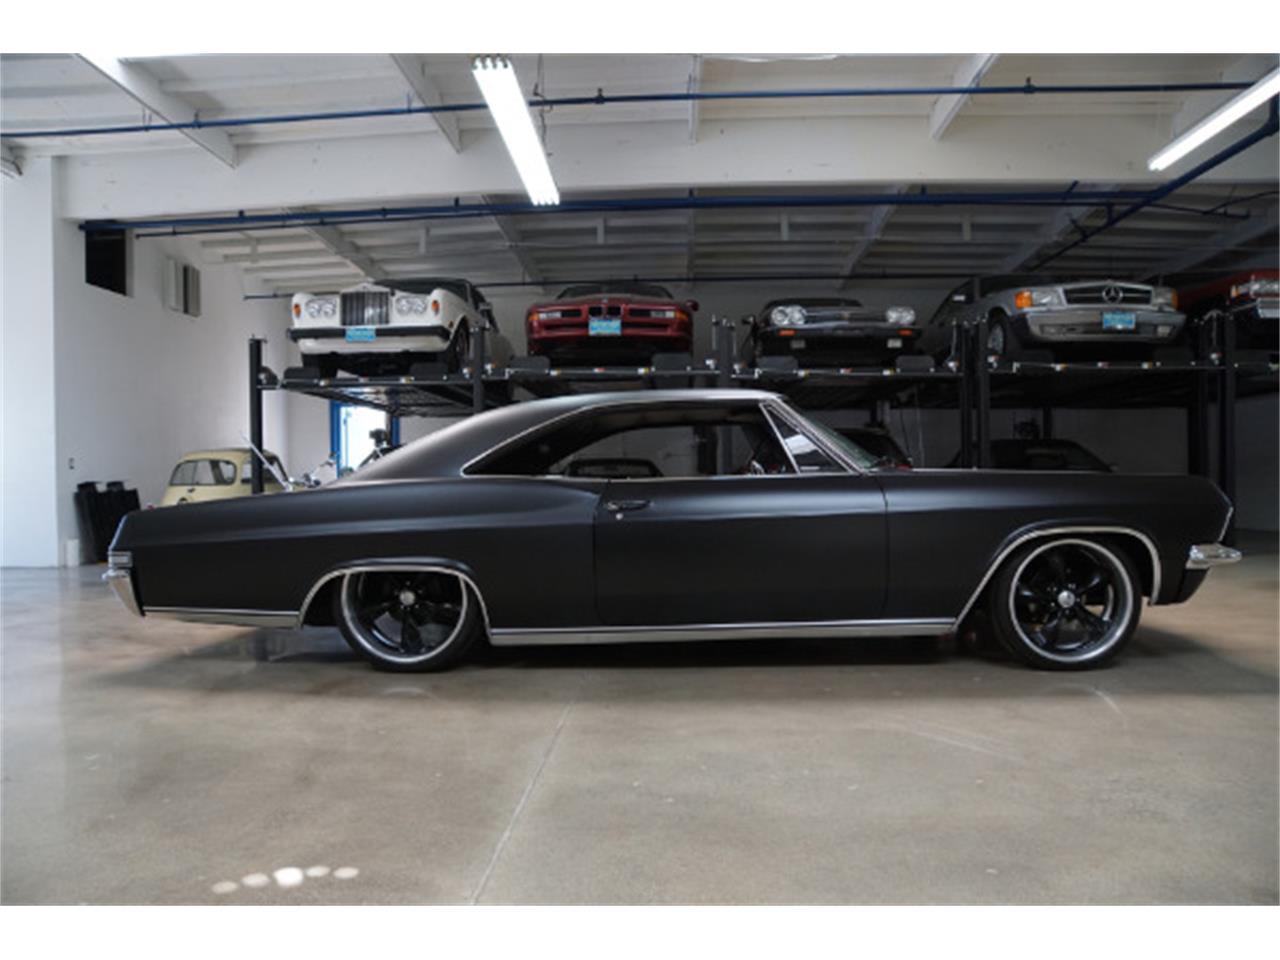 Kelebihan Impala 65 Tangguh